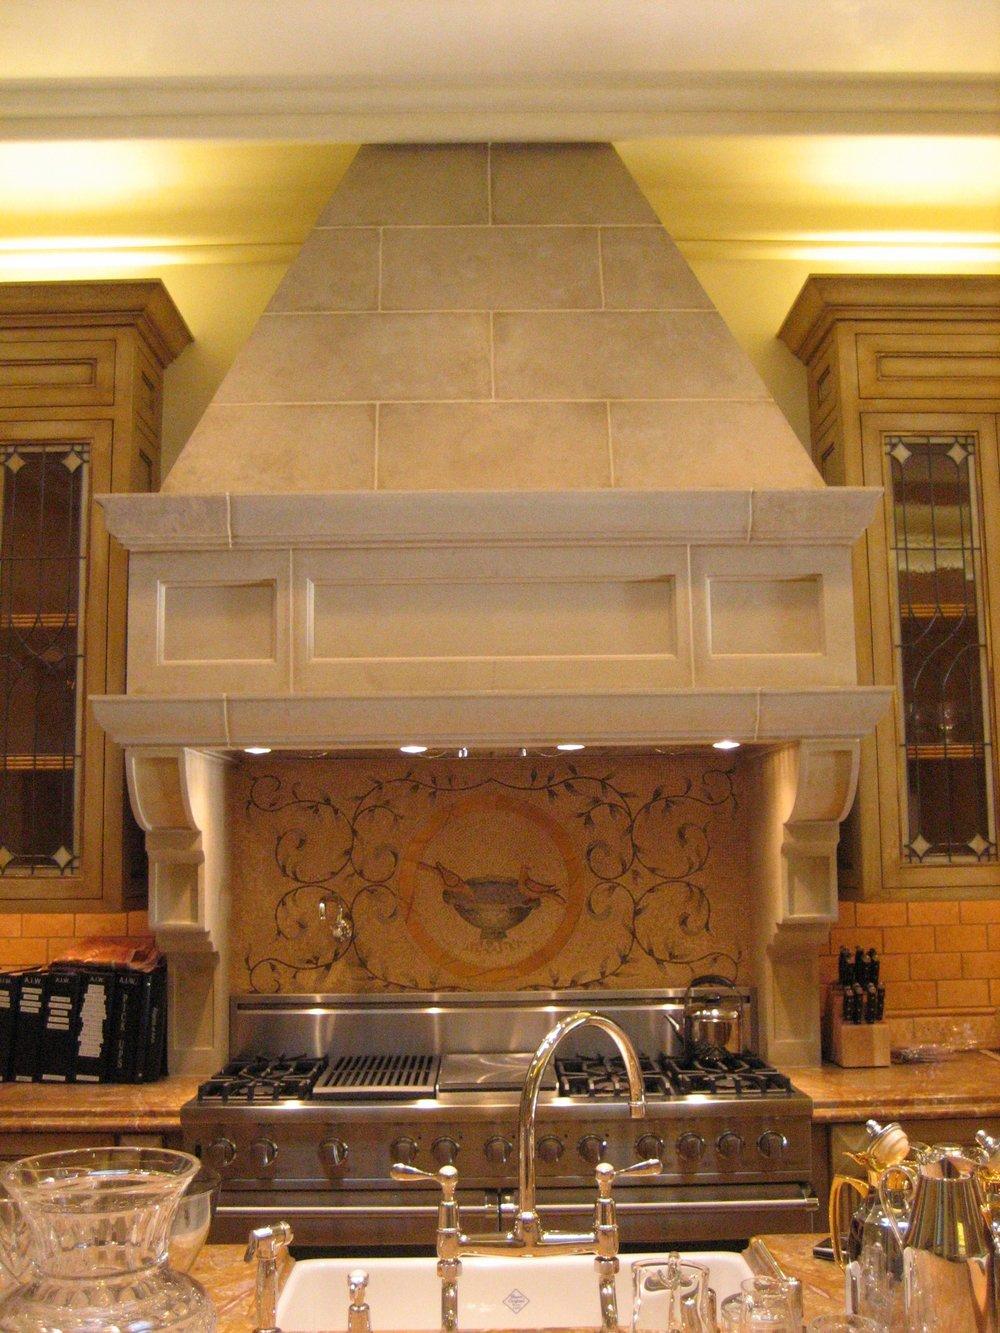 Kitchen Argy.JPG